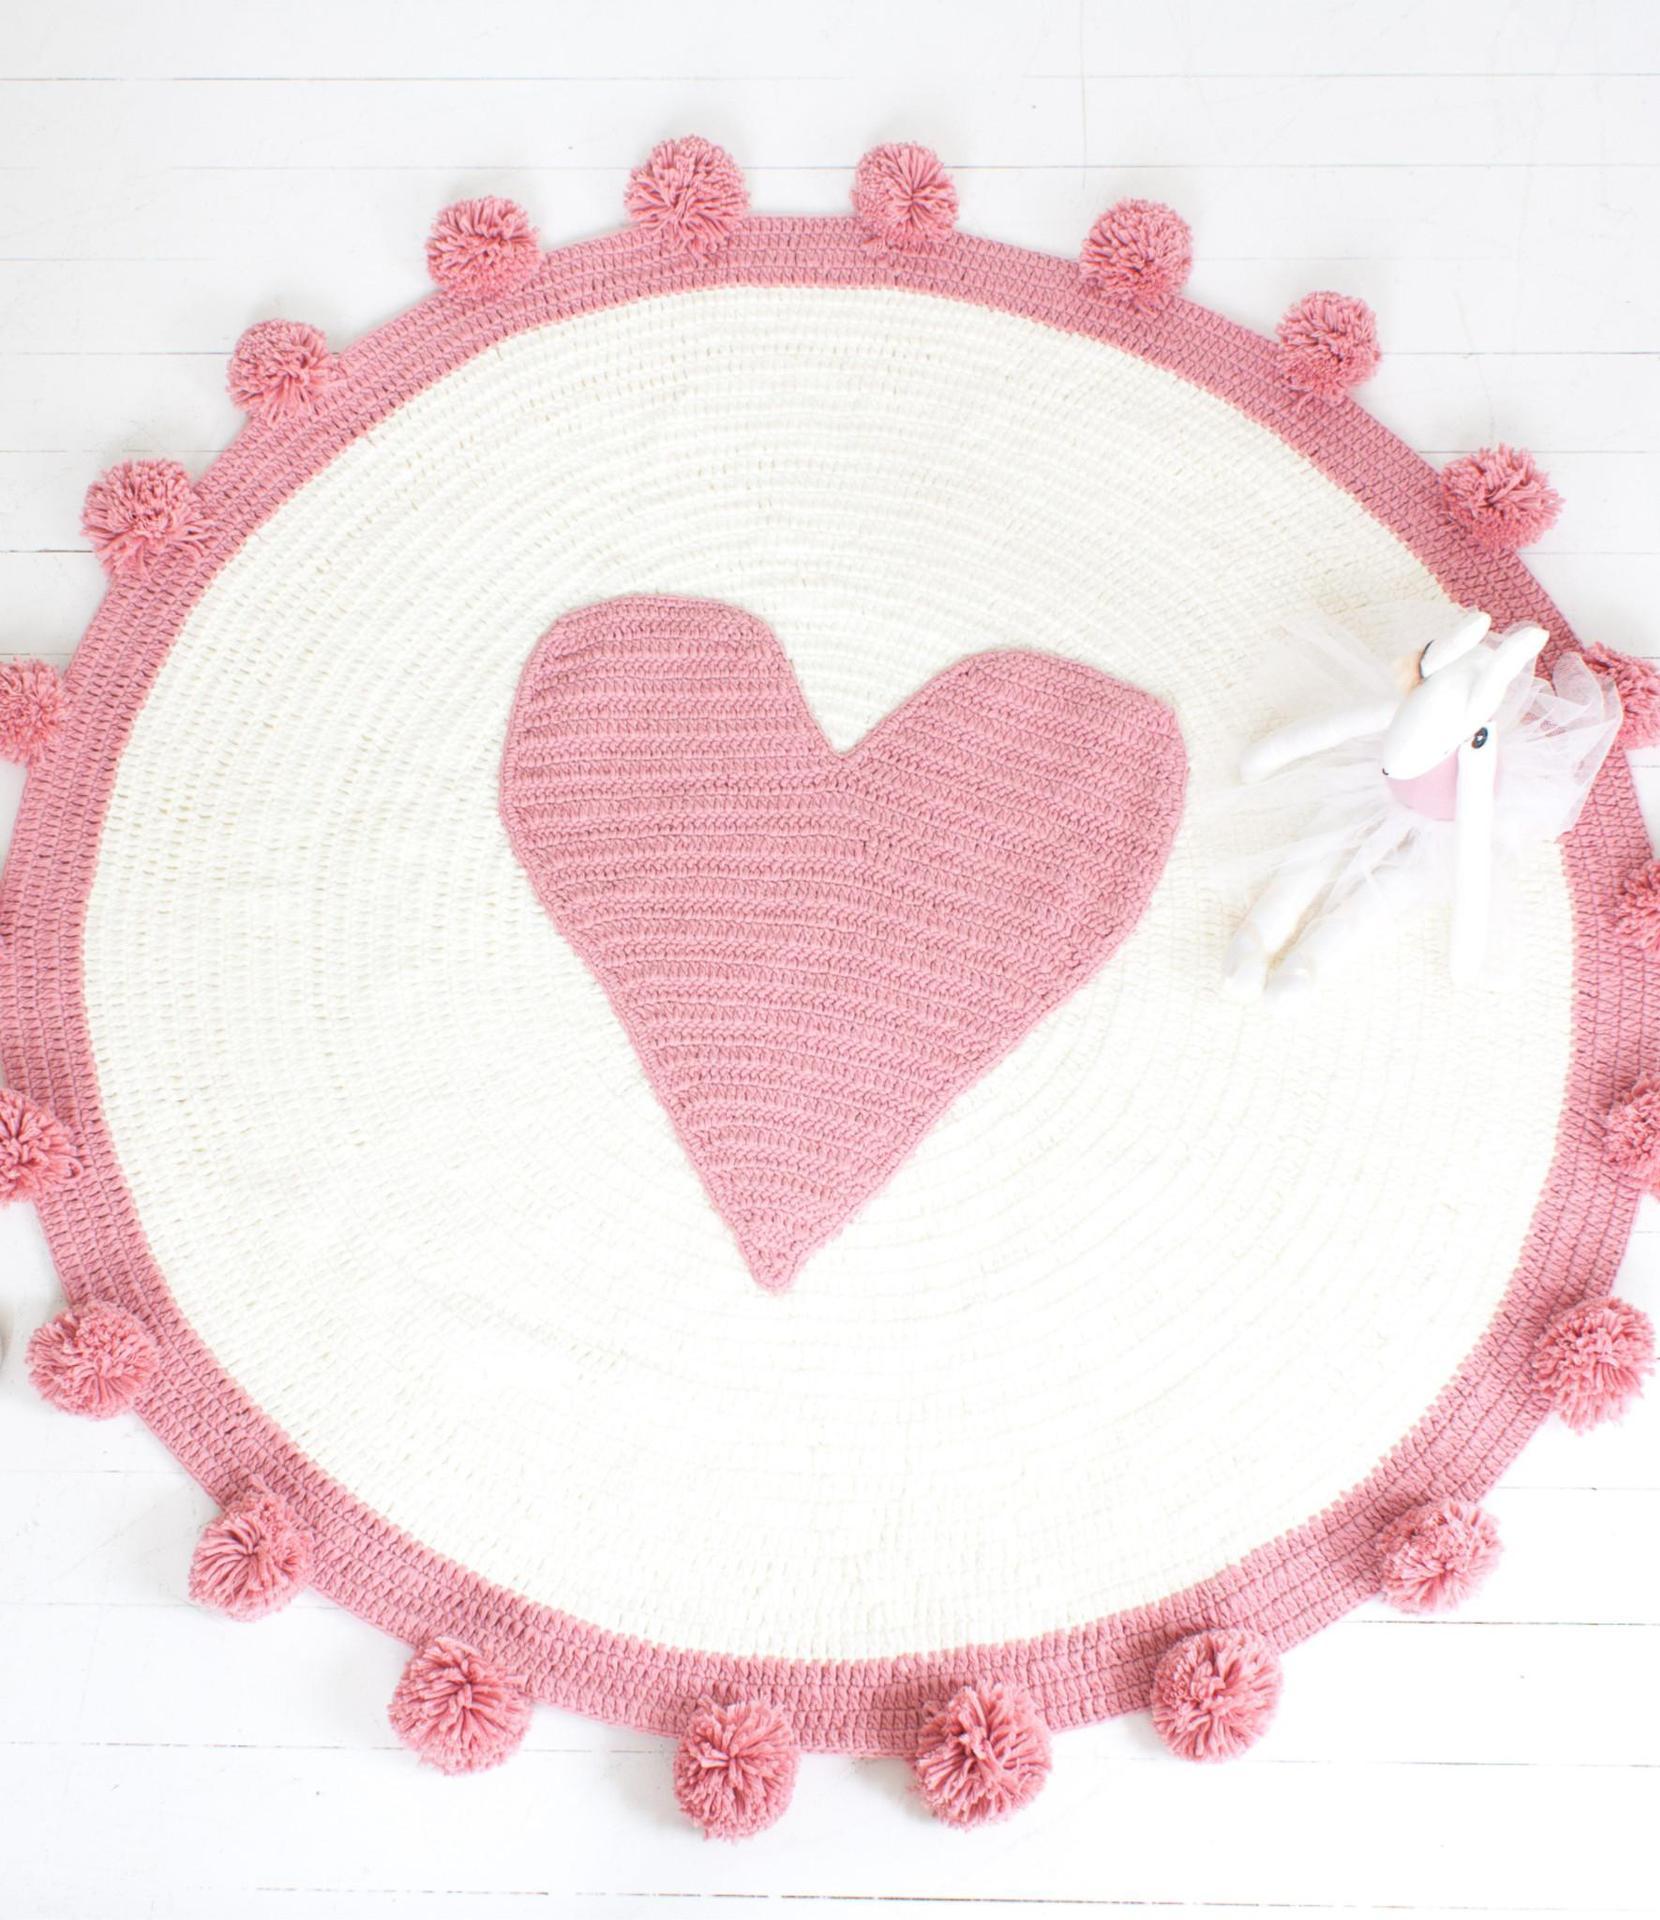 Tapis tricoté rose en forme de coeur tapis rond en coton doux pour enfants